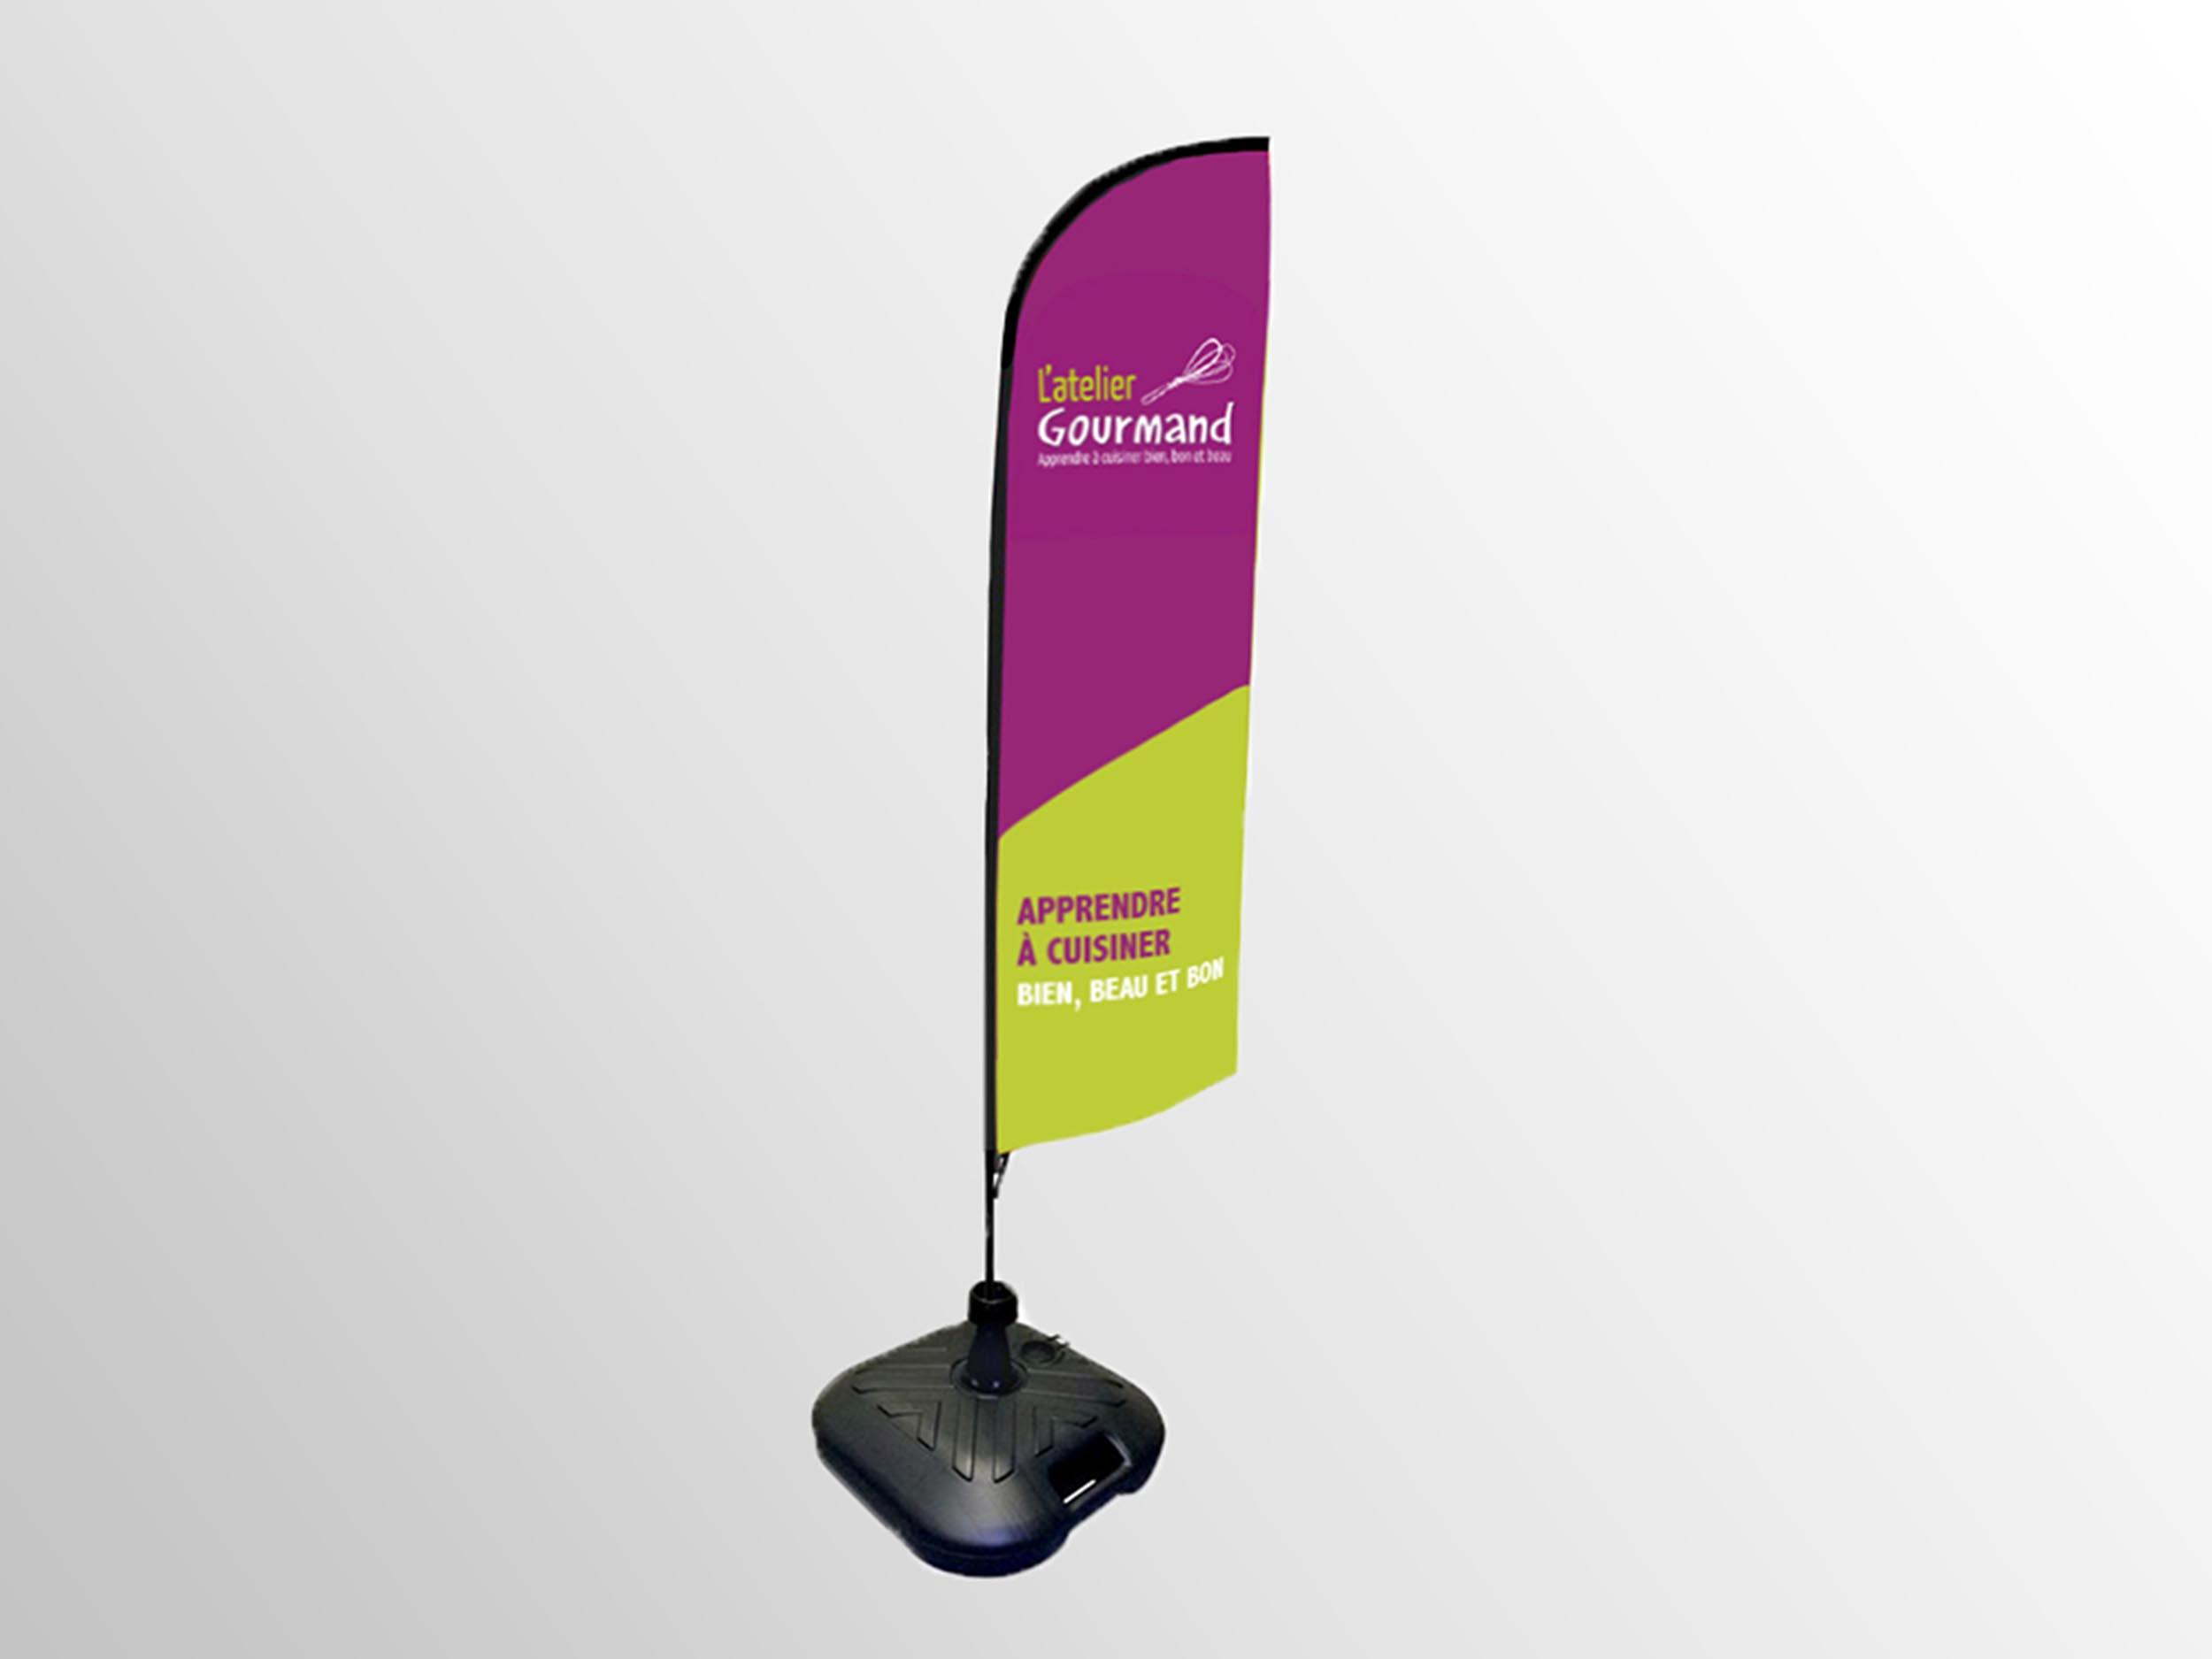 communication visuelle et production audiovisuelle, oriflamme, cuisine, atelier, gourmand, apprendre, plv-affiches-stands